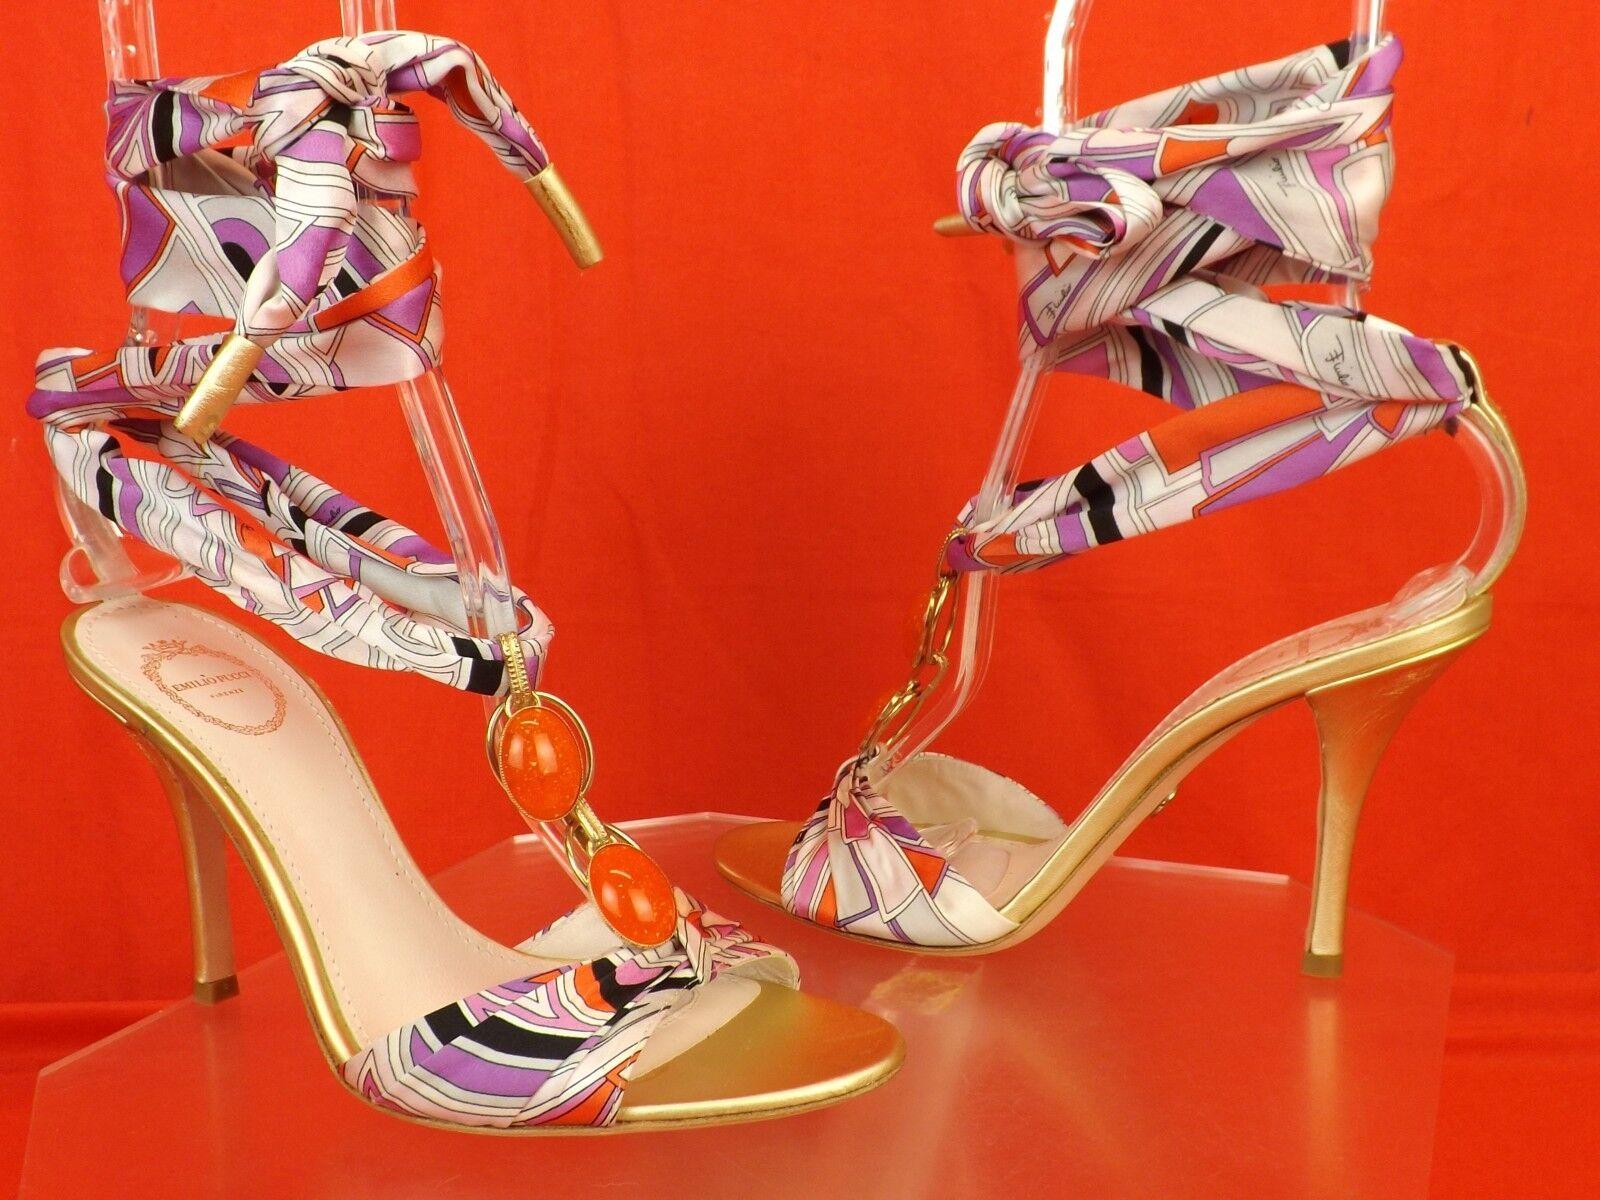 Neuf dans sa boîte Emilio Pucci Pucci Pucci MultiCouleure Bijoux en satin cheville Wrap Cuir Sandales Escarpins 37.5 7d6e21